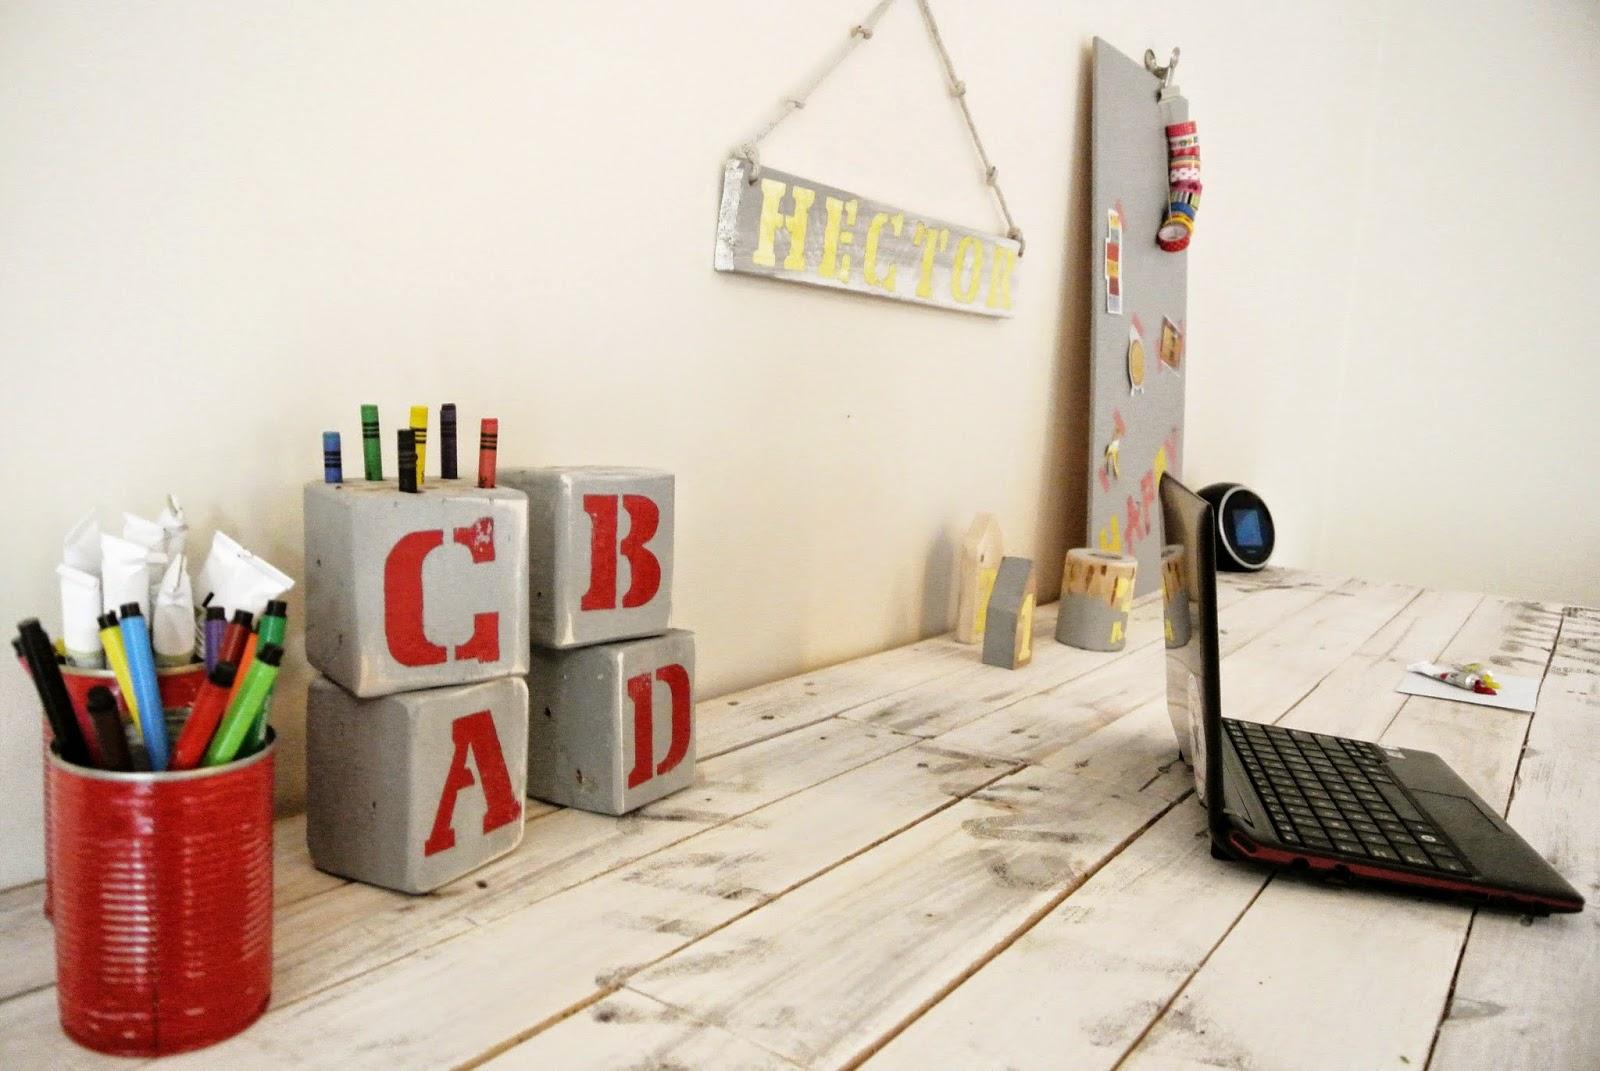 biurko drewniane,organizery i dodatki na biurko z palety,co zrobić z palety krok po kroku,malowanie liter na drewnie,jak wykorzystać puszkę DIY